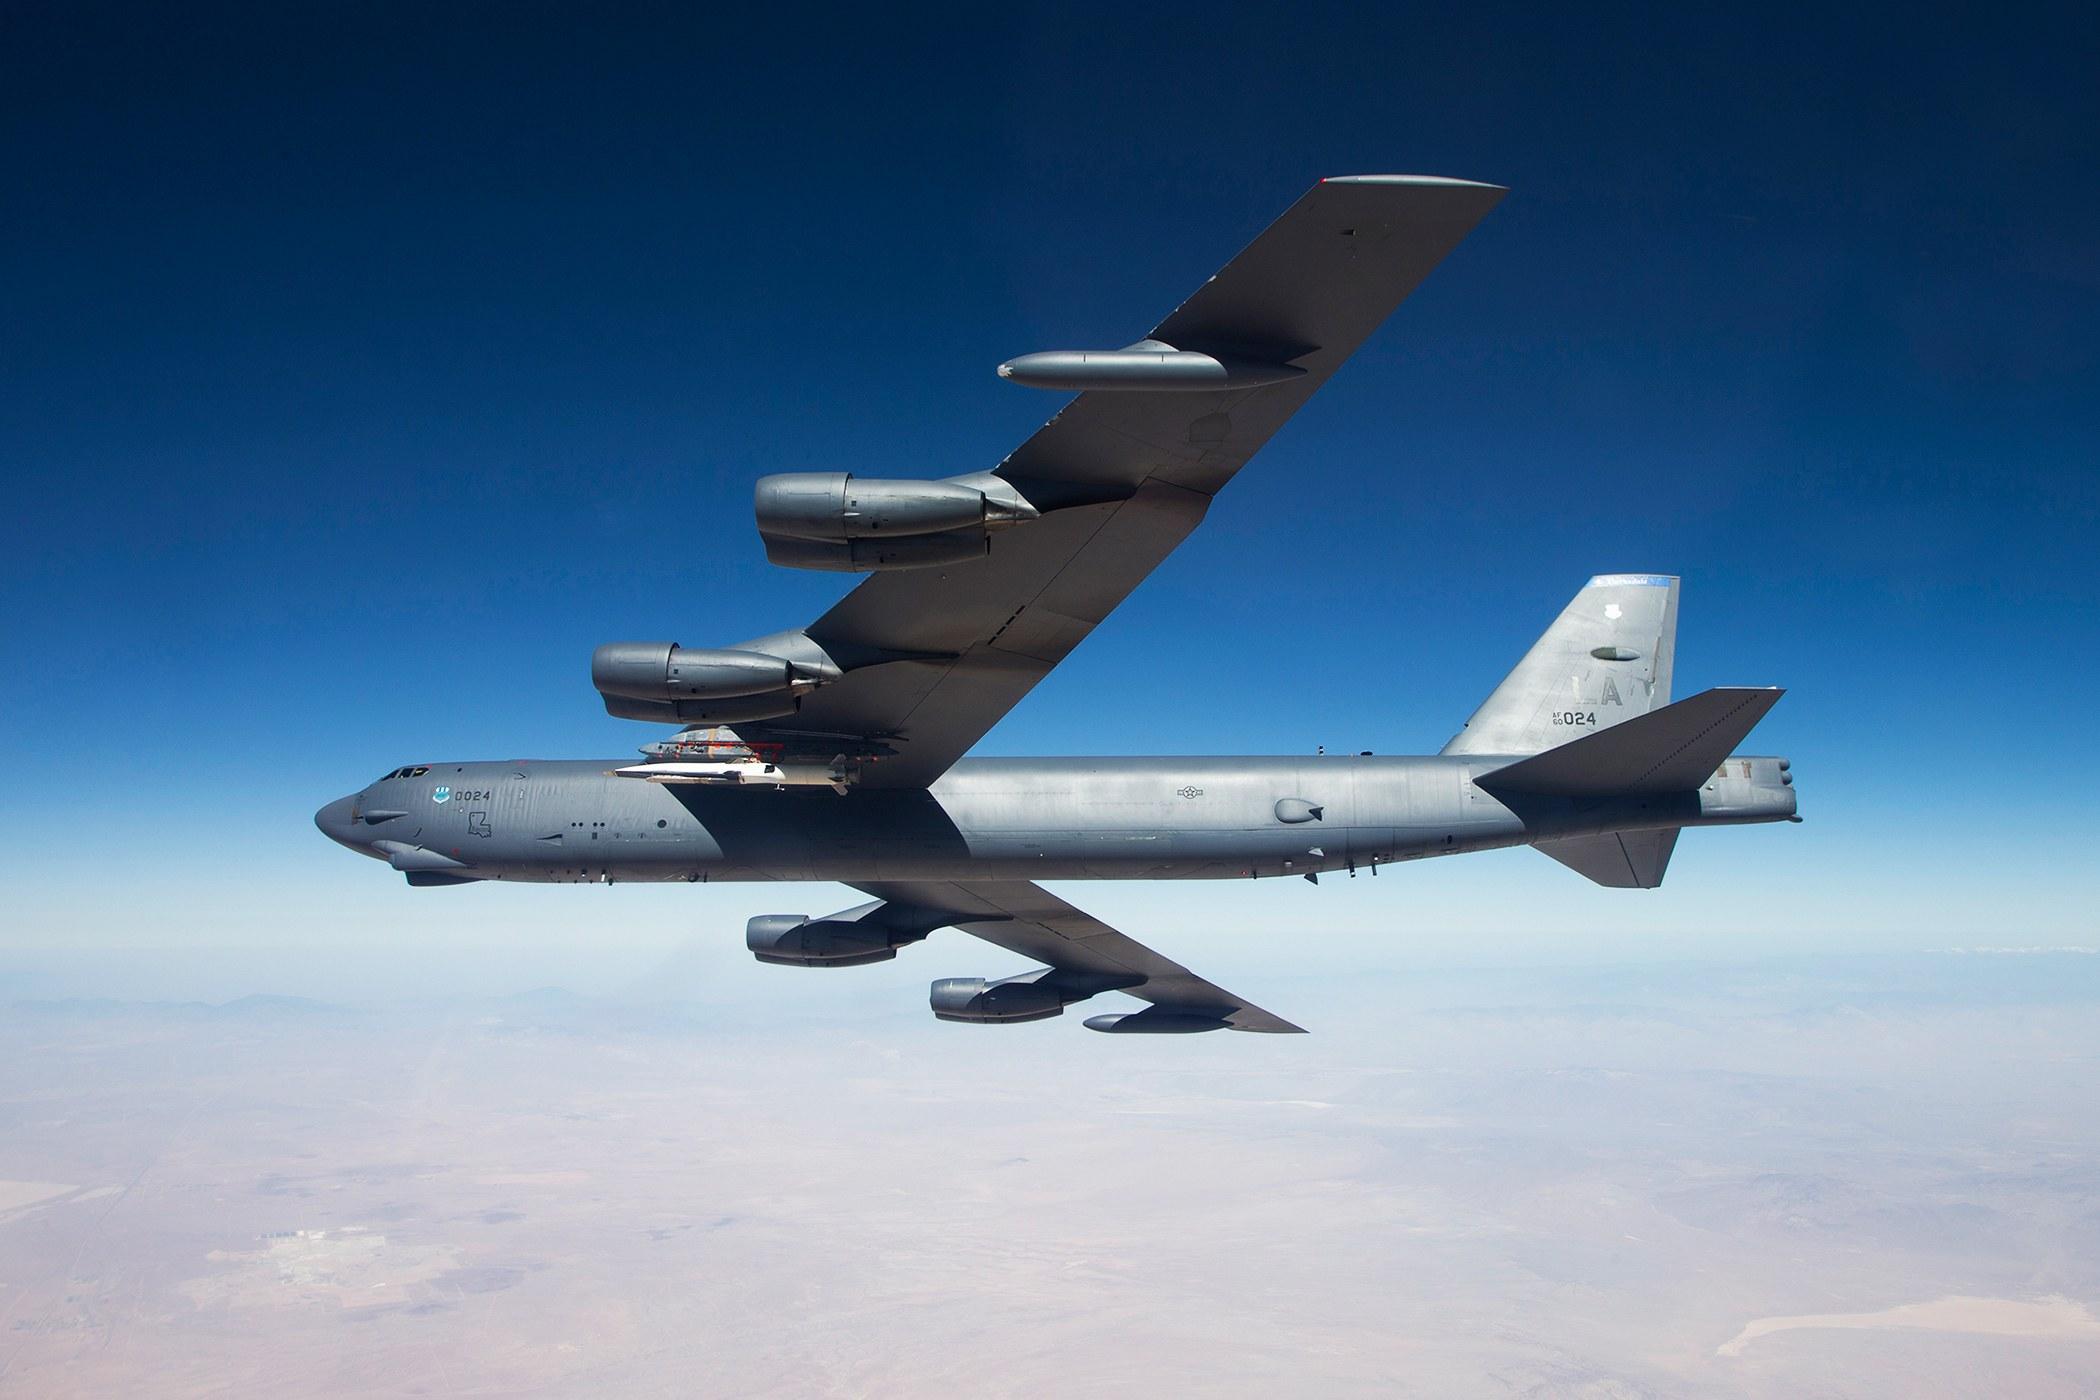 美宣布在欧洲部署6架B-52轰炸机 向俄发出信号